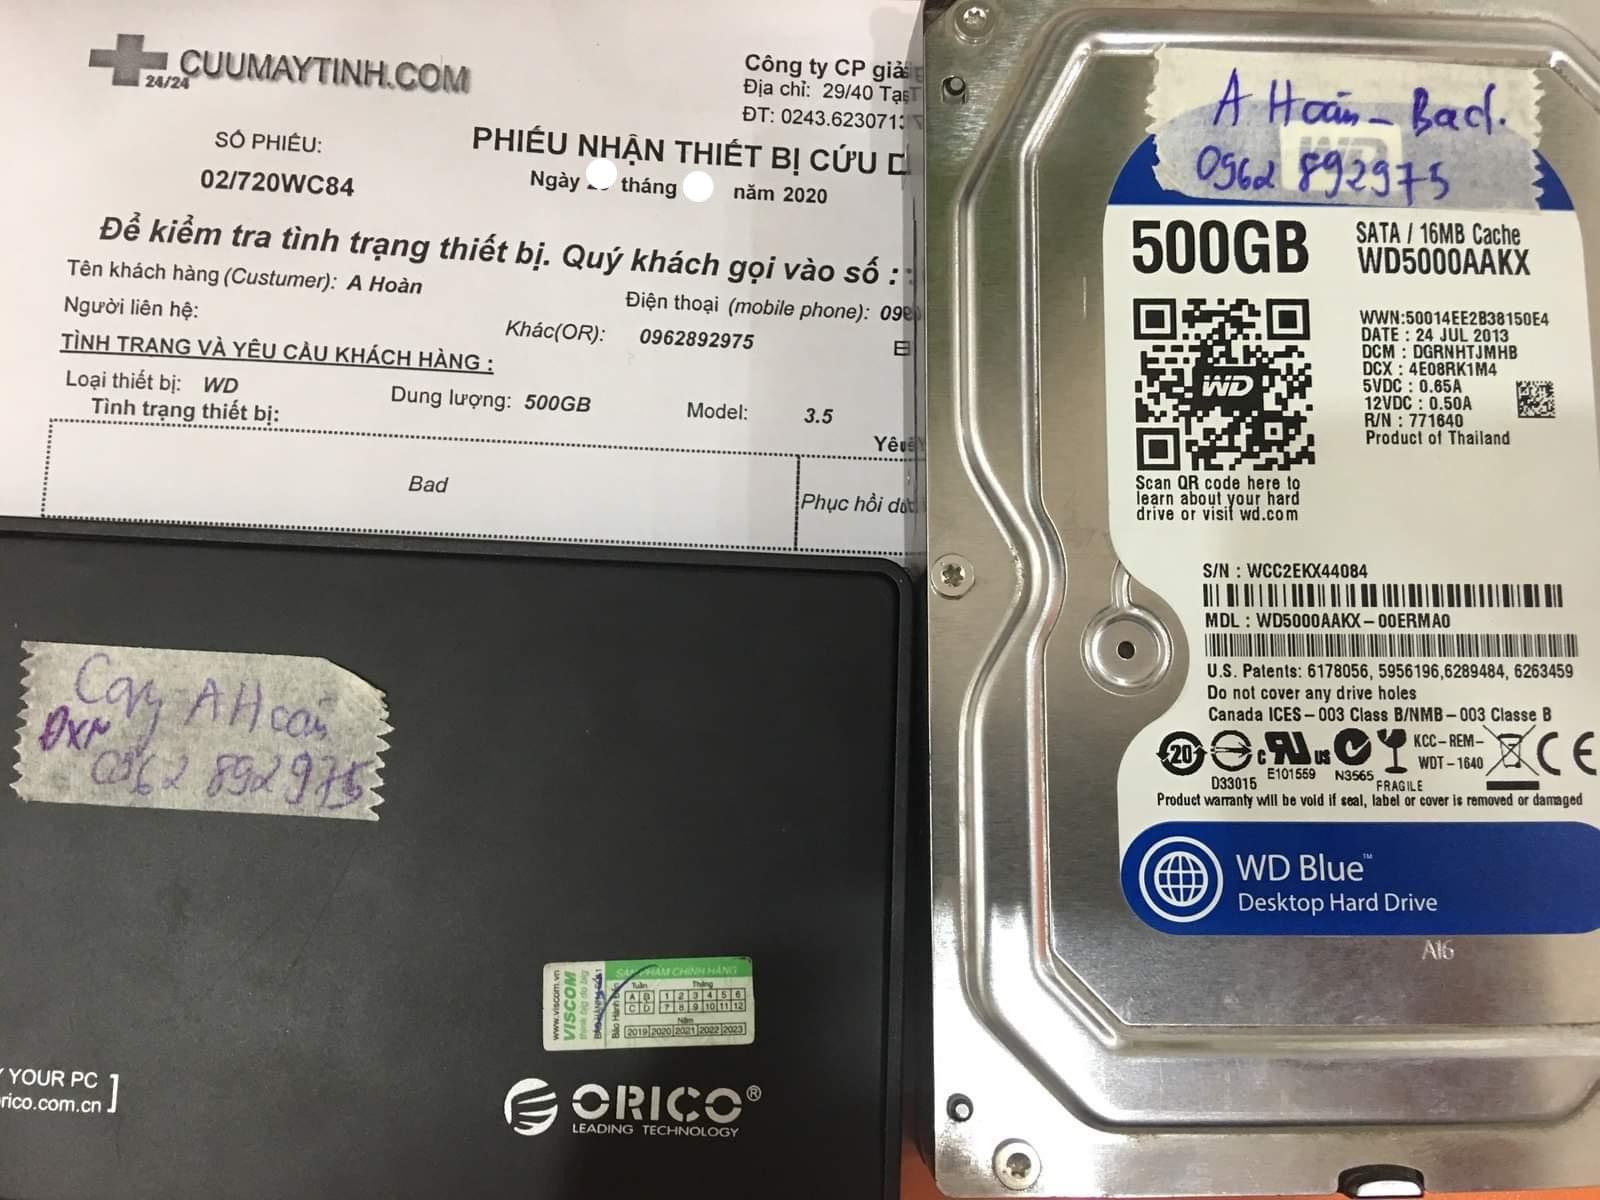 Cứu dữ liệu ổ cứng Western 500GB bad 31/08/2020  - cuumaytinh